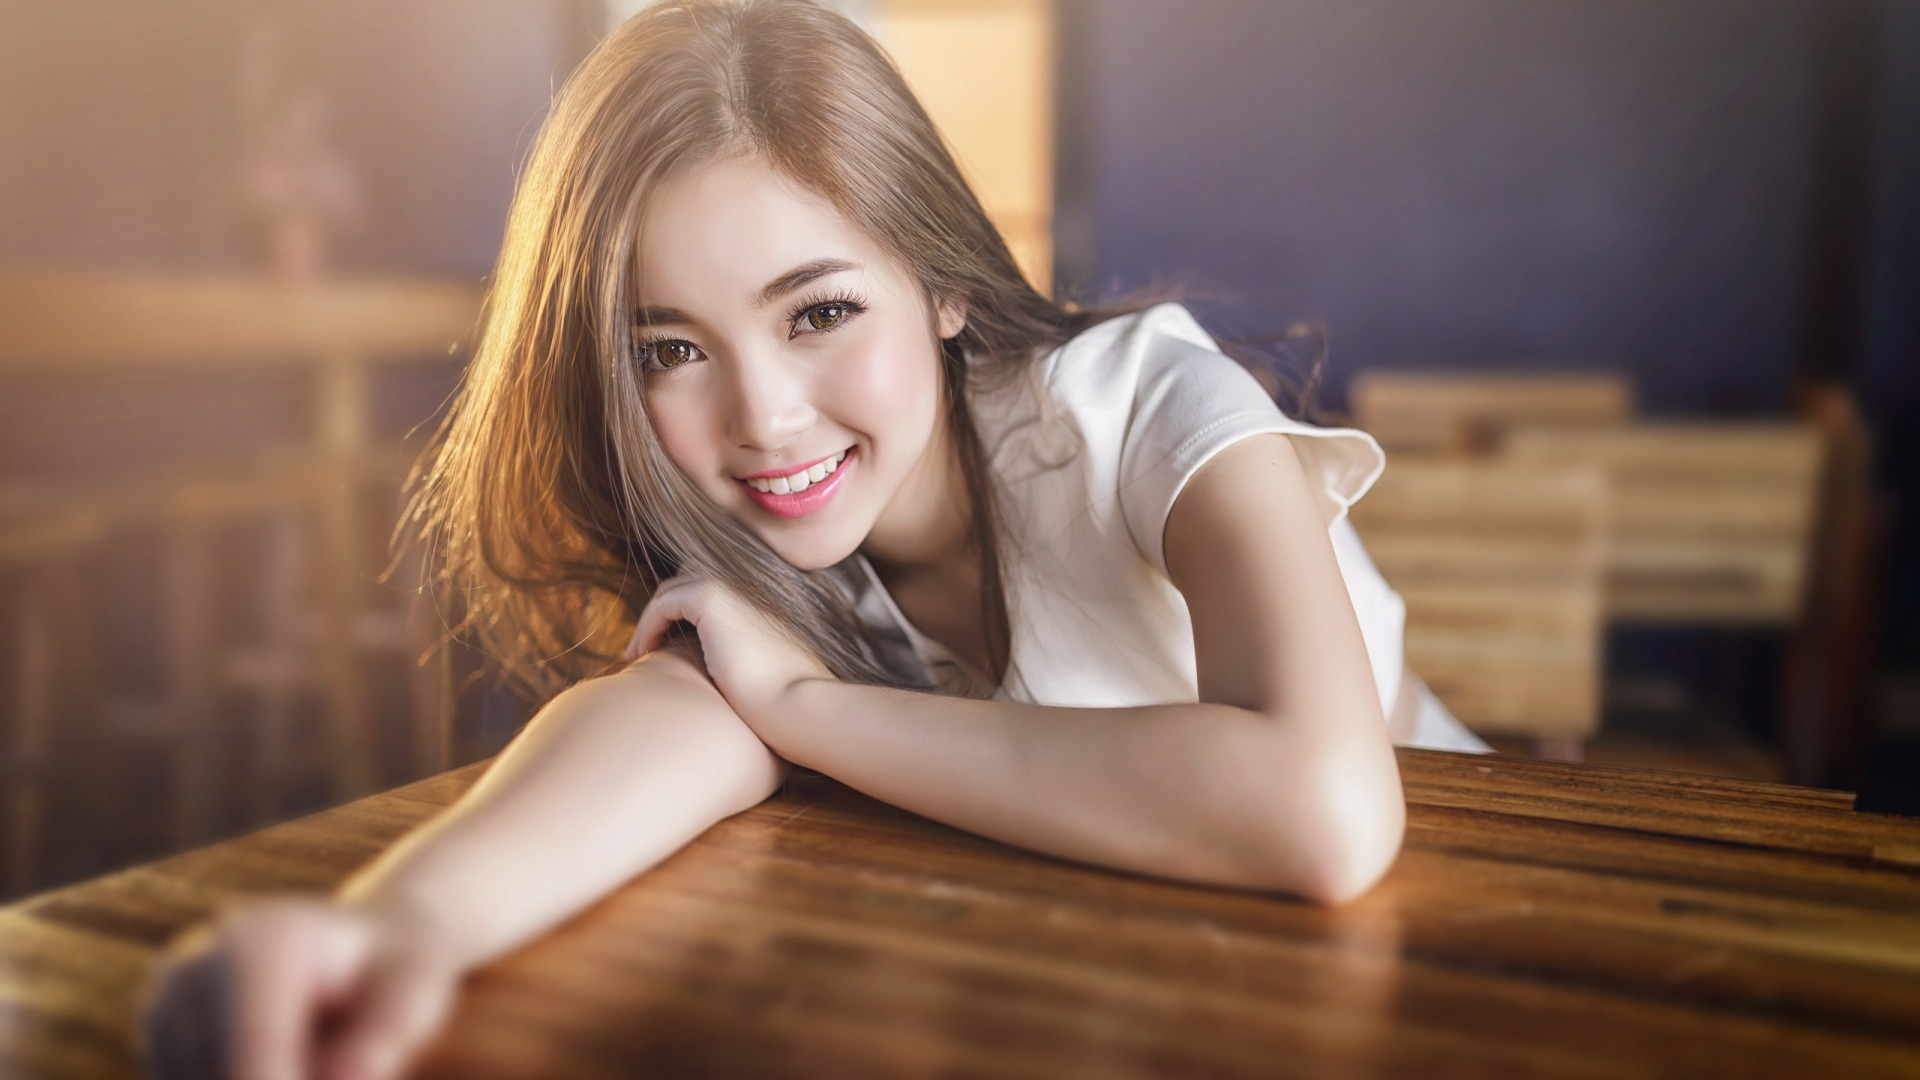 东野子乔全集:约会中如何巧妙的接触女生